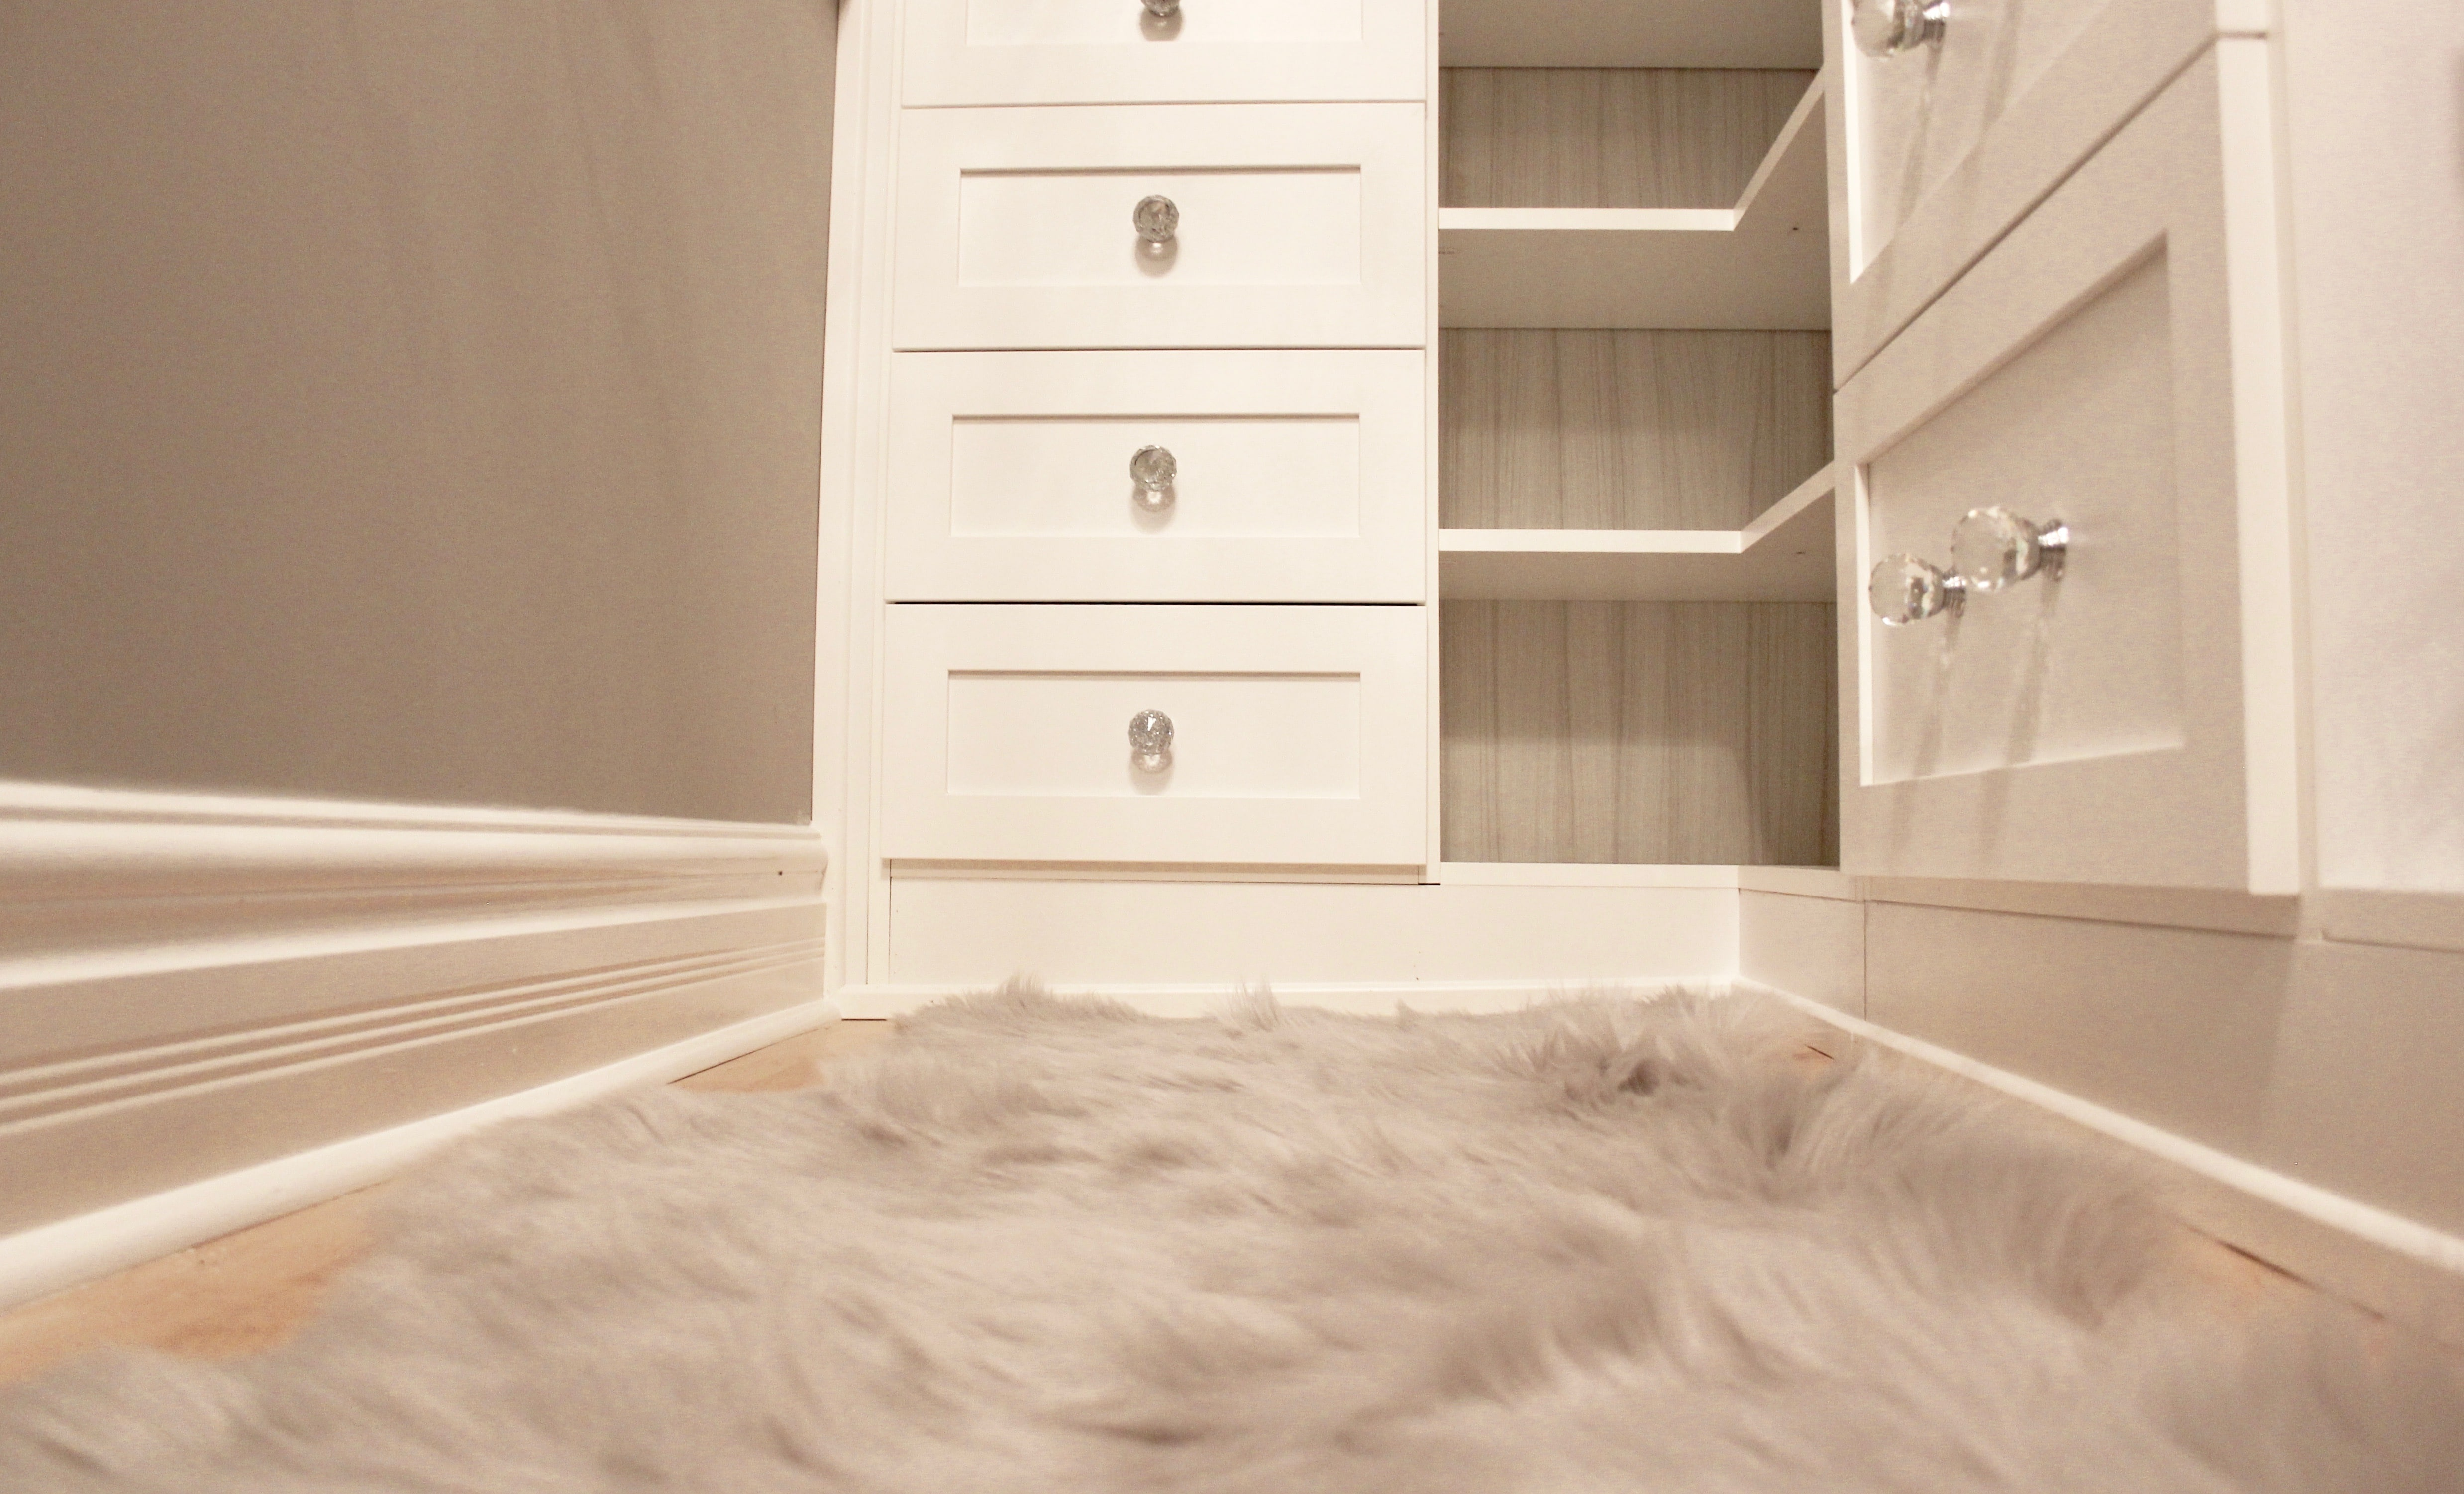 How to build your dream closet-4